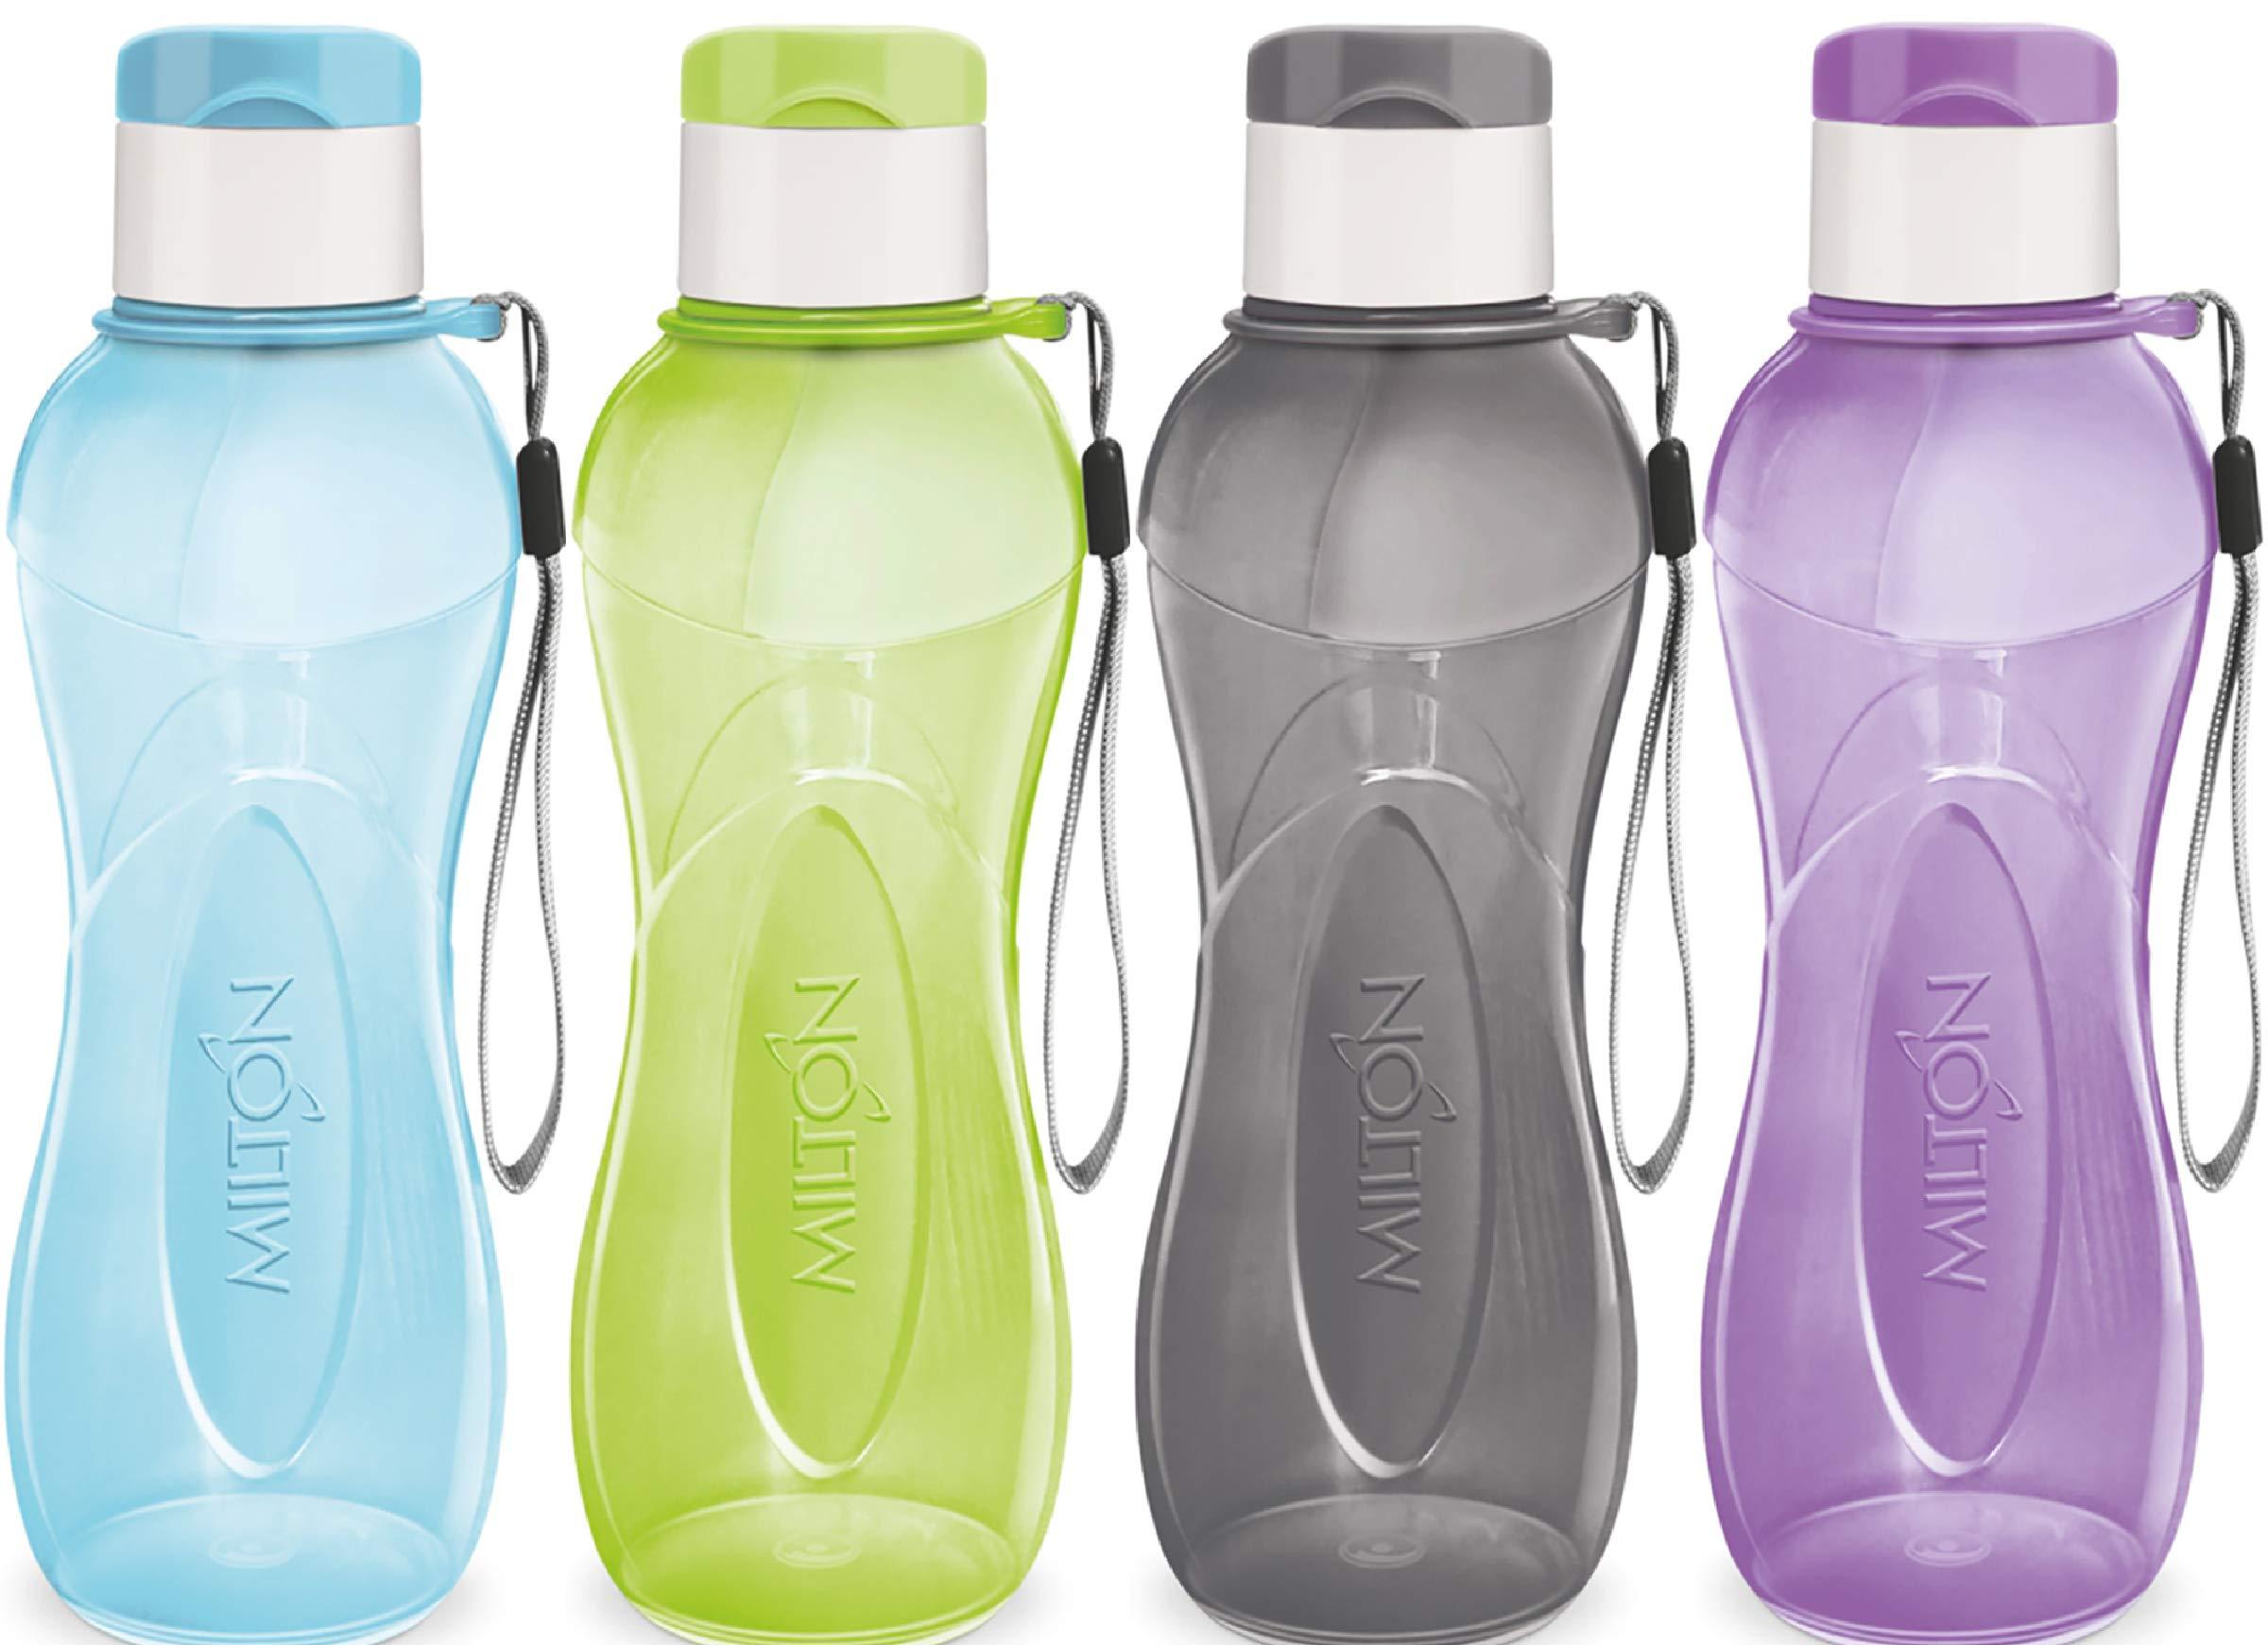 Milton 32 oz. 4 botellas de agua de plástico reutilizables para niños y adultos, sin BPA, sin fugas, ligeras, con correa de transporte para senderismo, gimnasio, ciclismo: Amazon.es: Bricolaje y herramientas